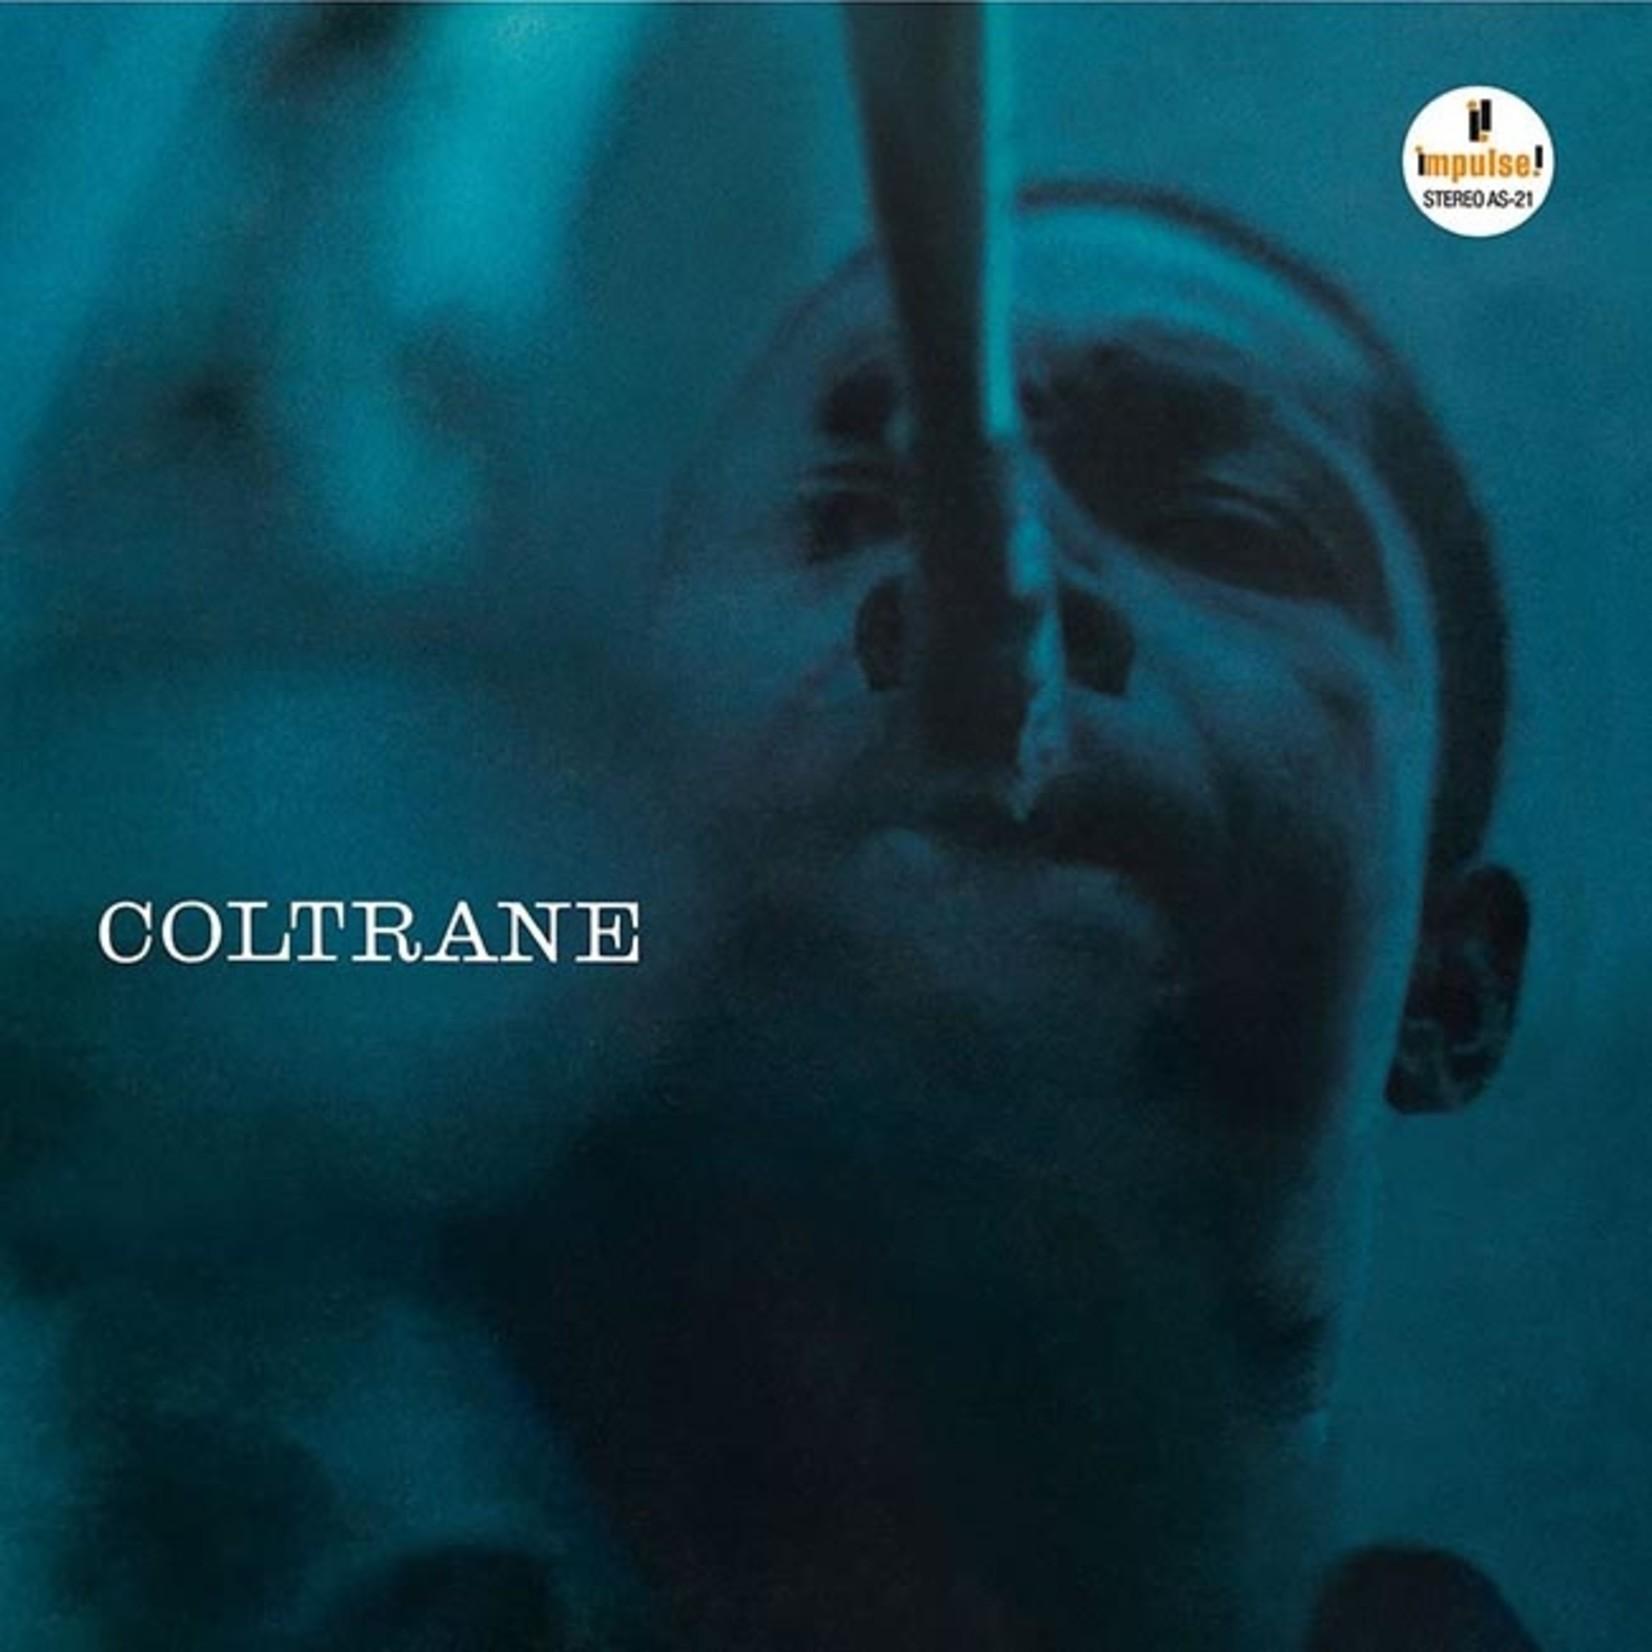 [New] Coltrane, John: Coltrane